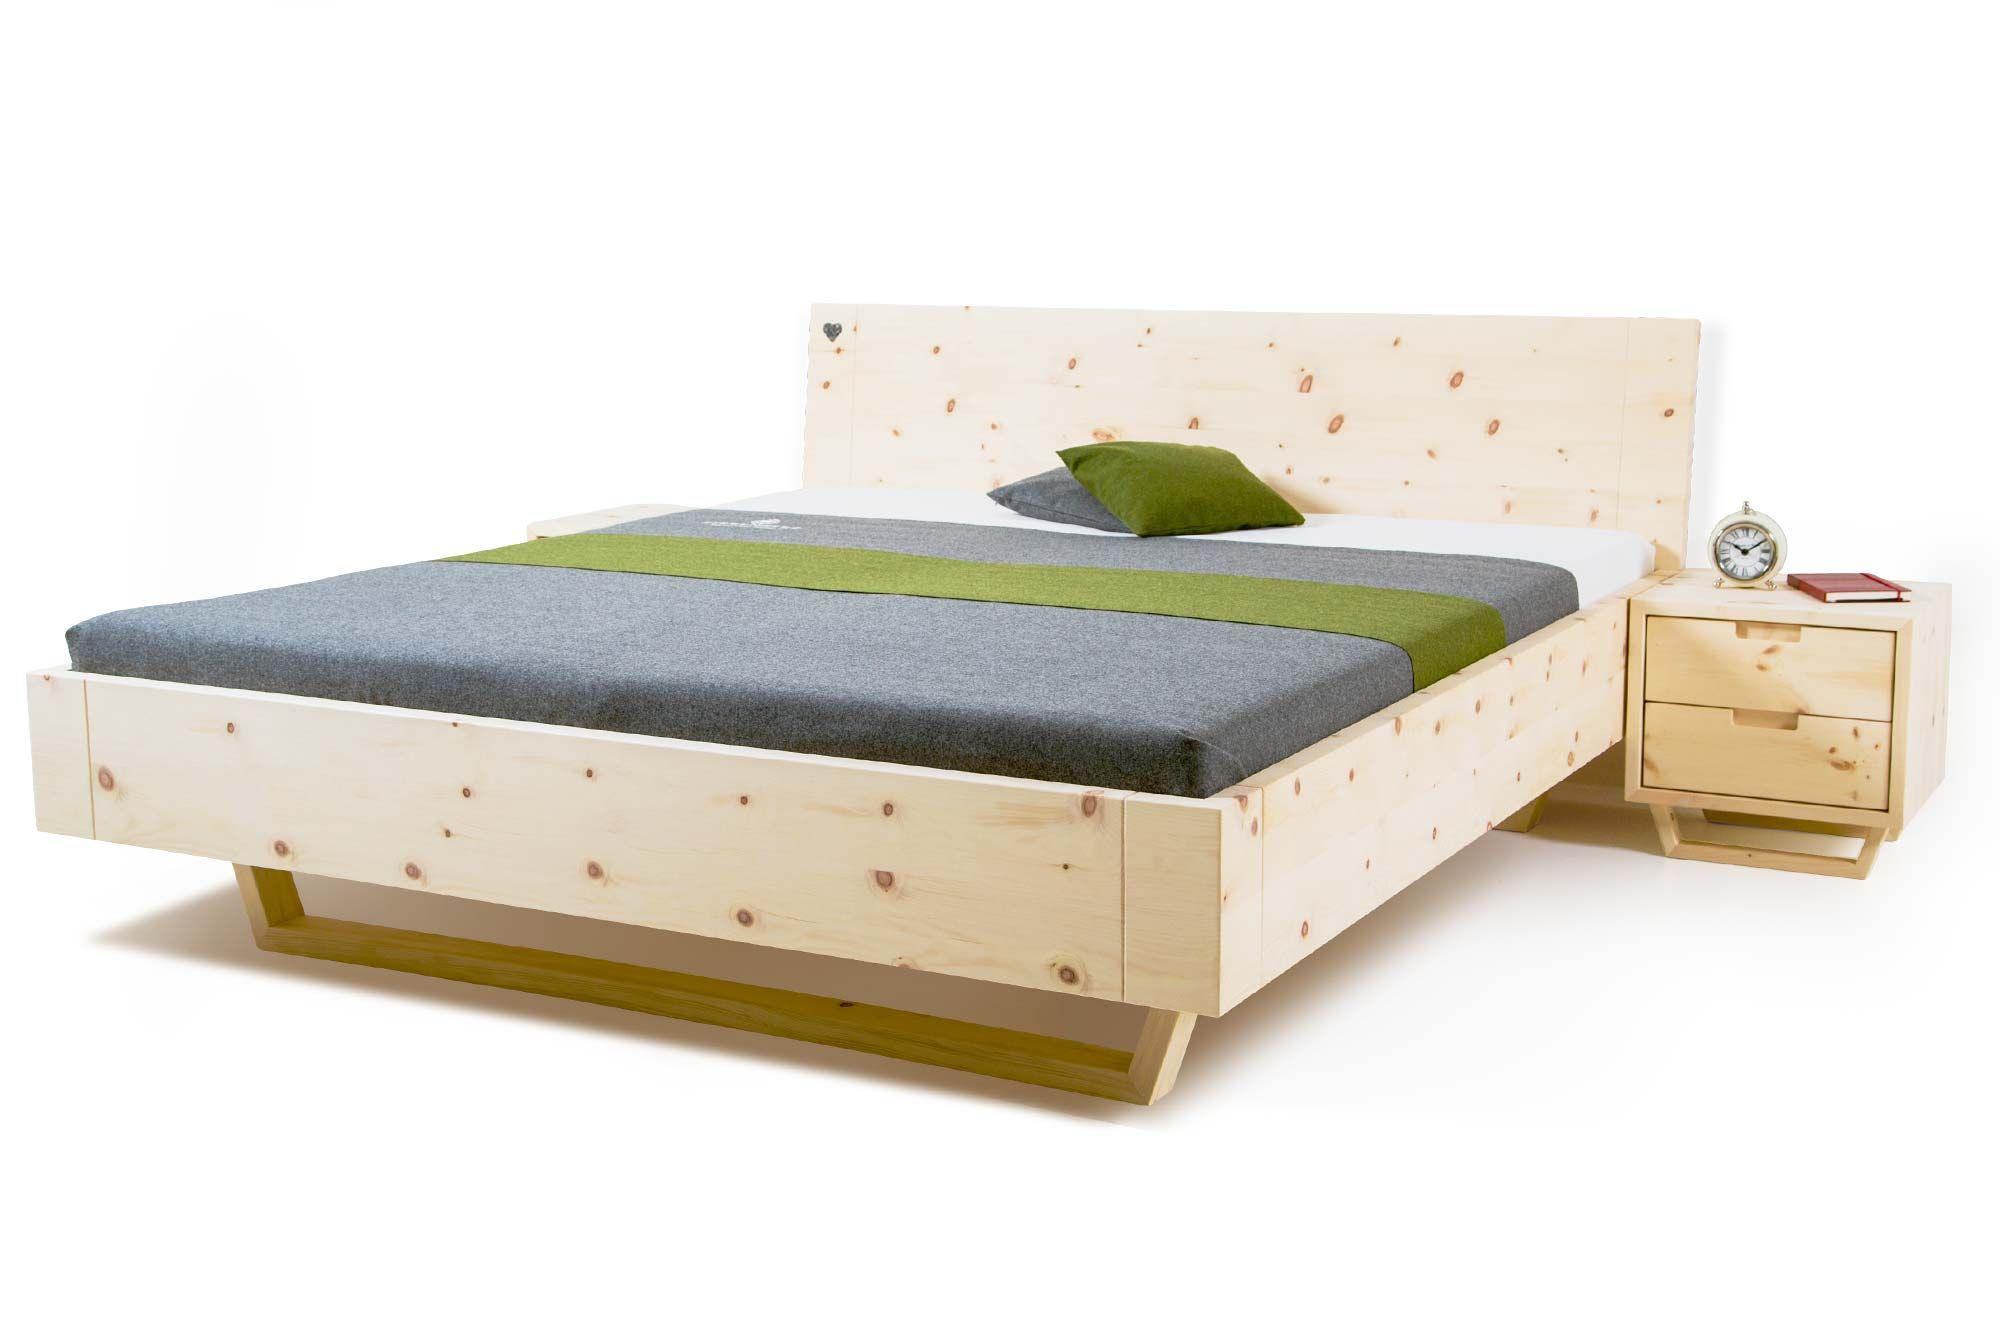 Ein Zirbenbett In Edlem Grau Modern Und Rustikal In Einem